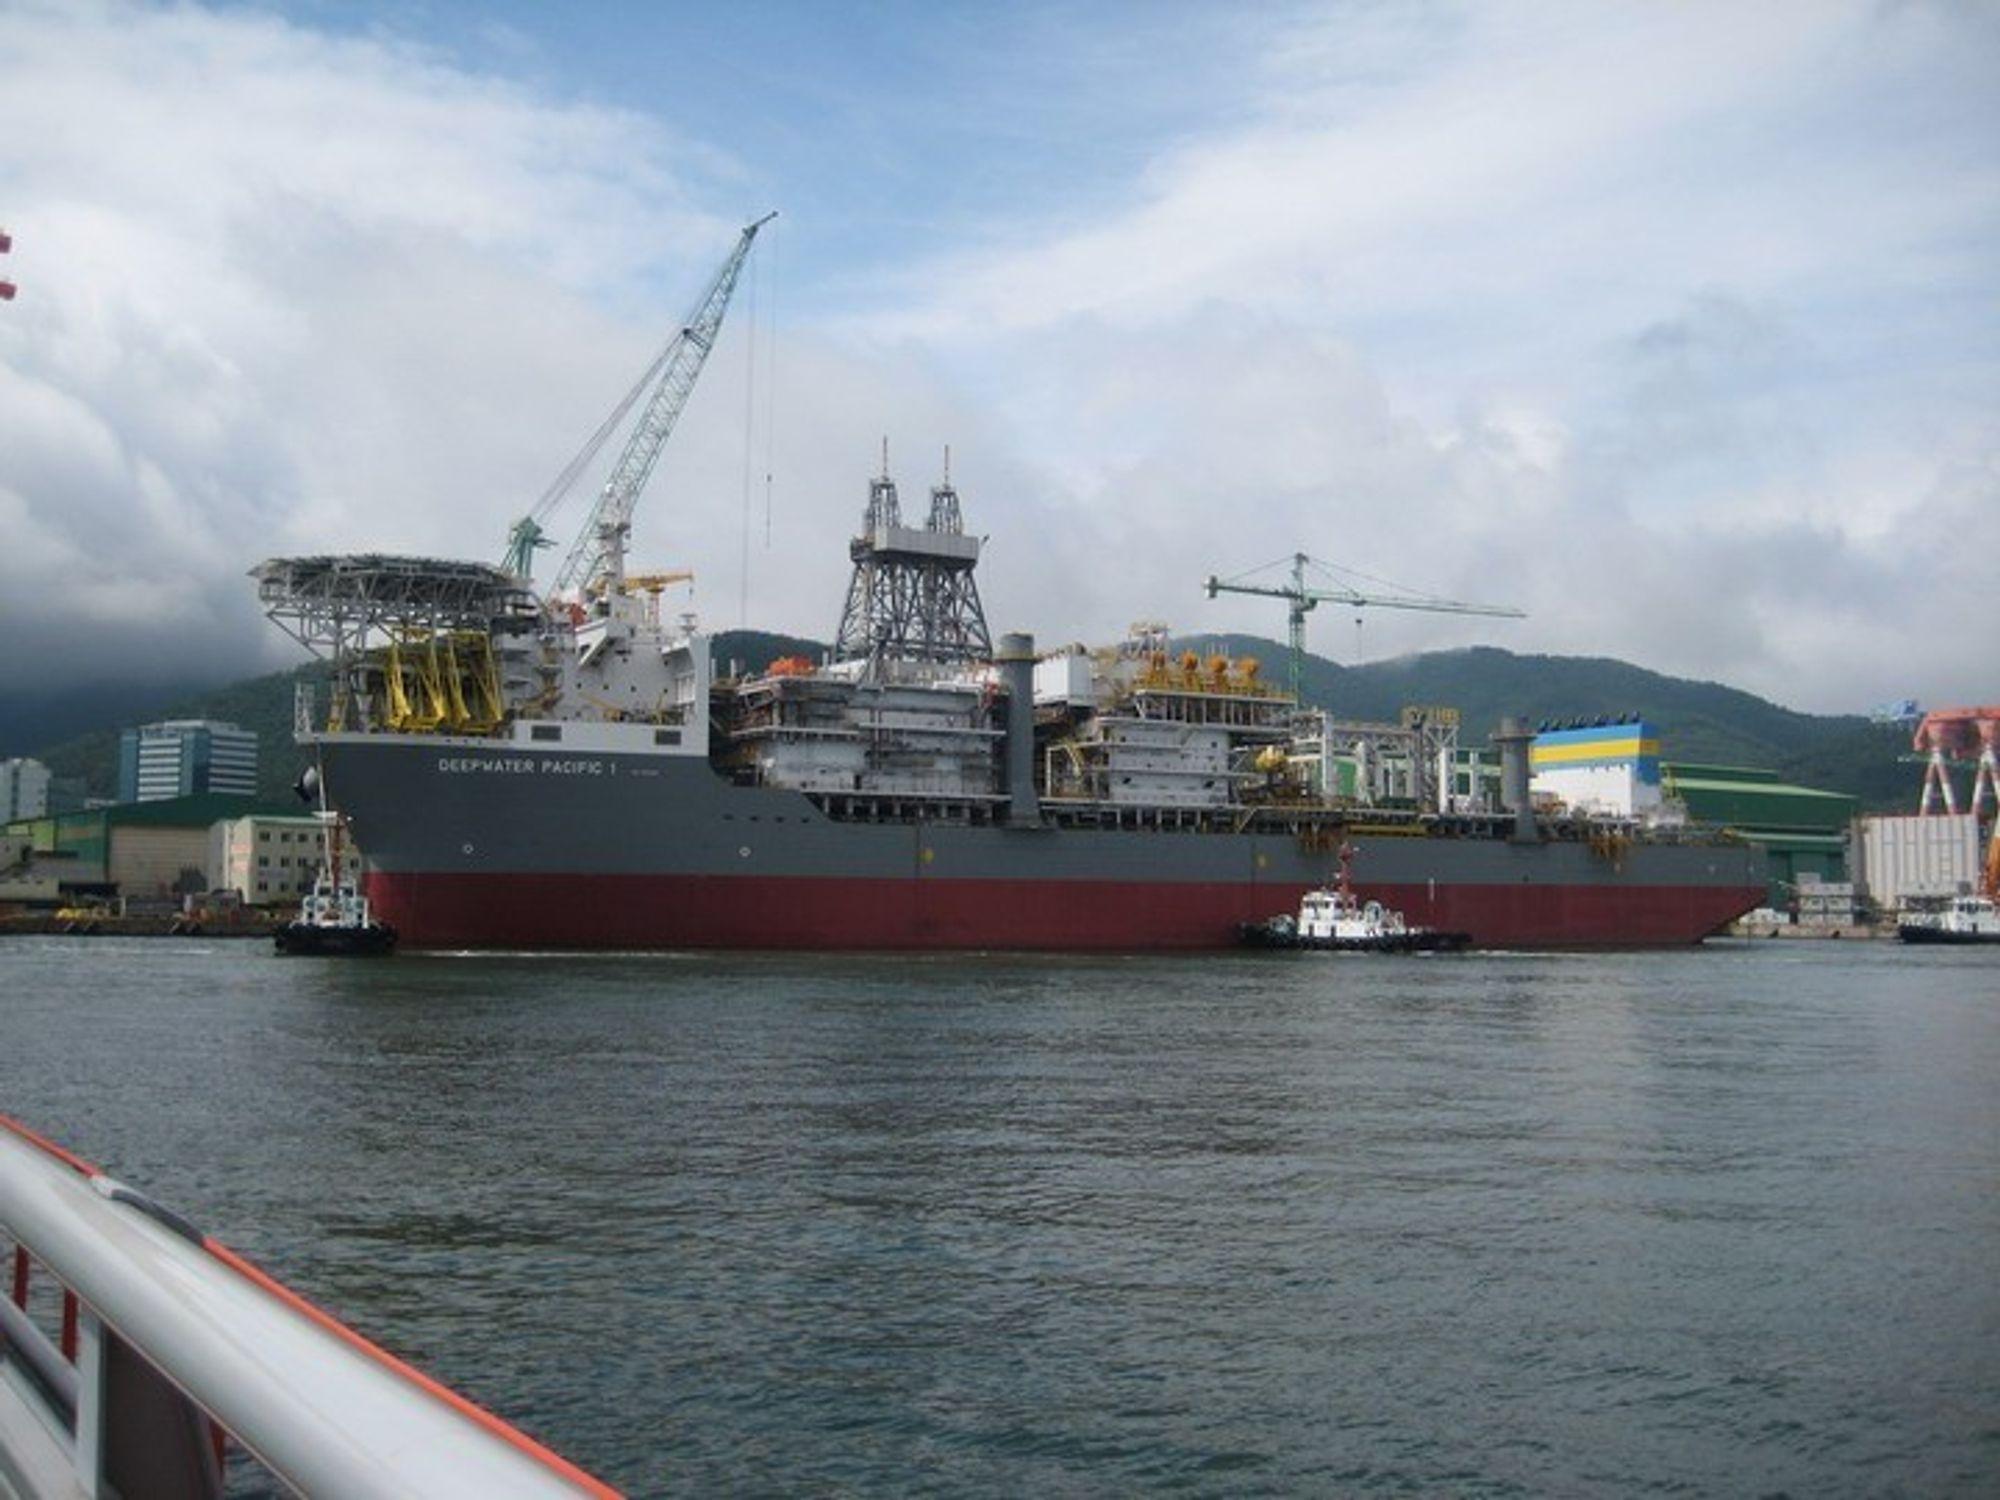 FÅR STATOIL-KONTRAKT: Samsung Heavy Industries' verft i Sør-Korea har fått storkontrakt med Statoil. Illustrasjonsfoto fra verftets bygging av et boreskip.